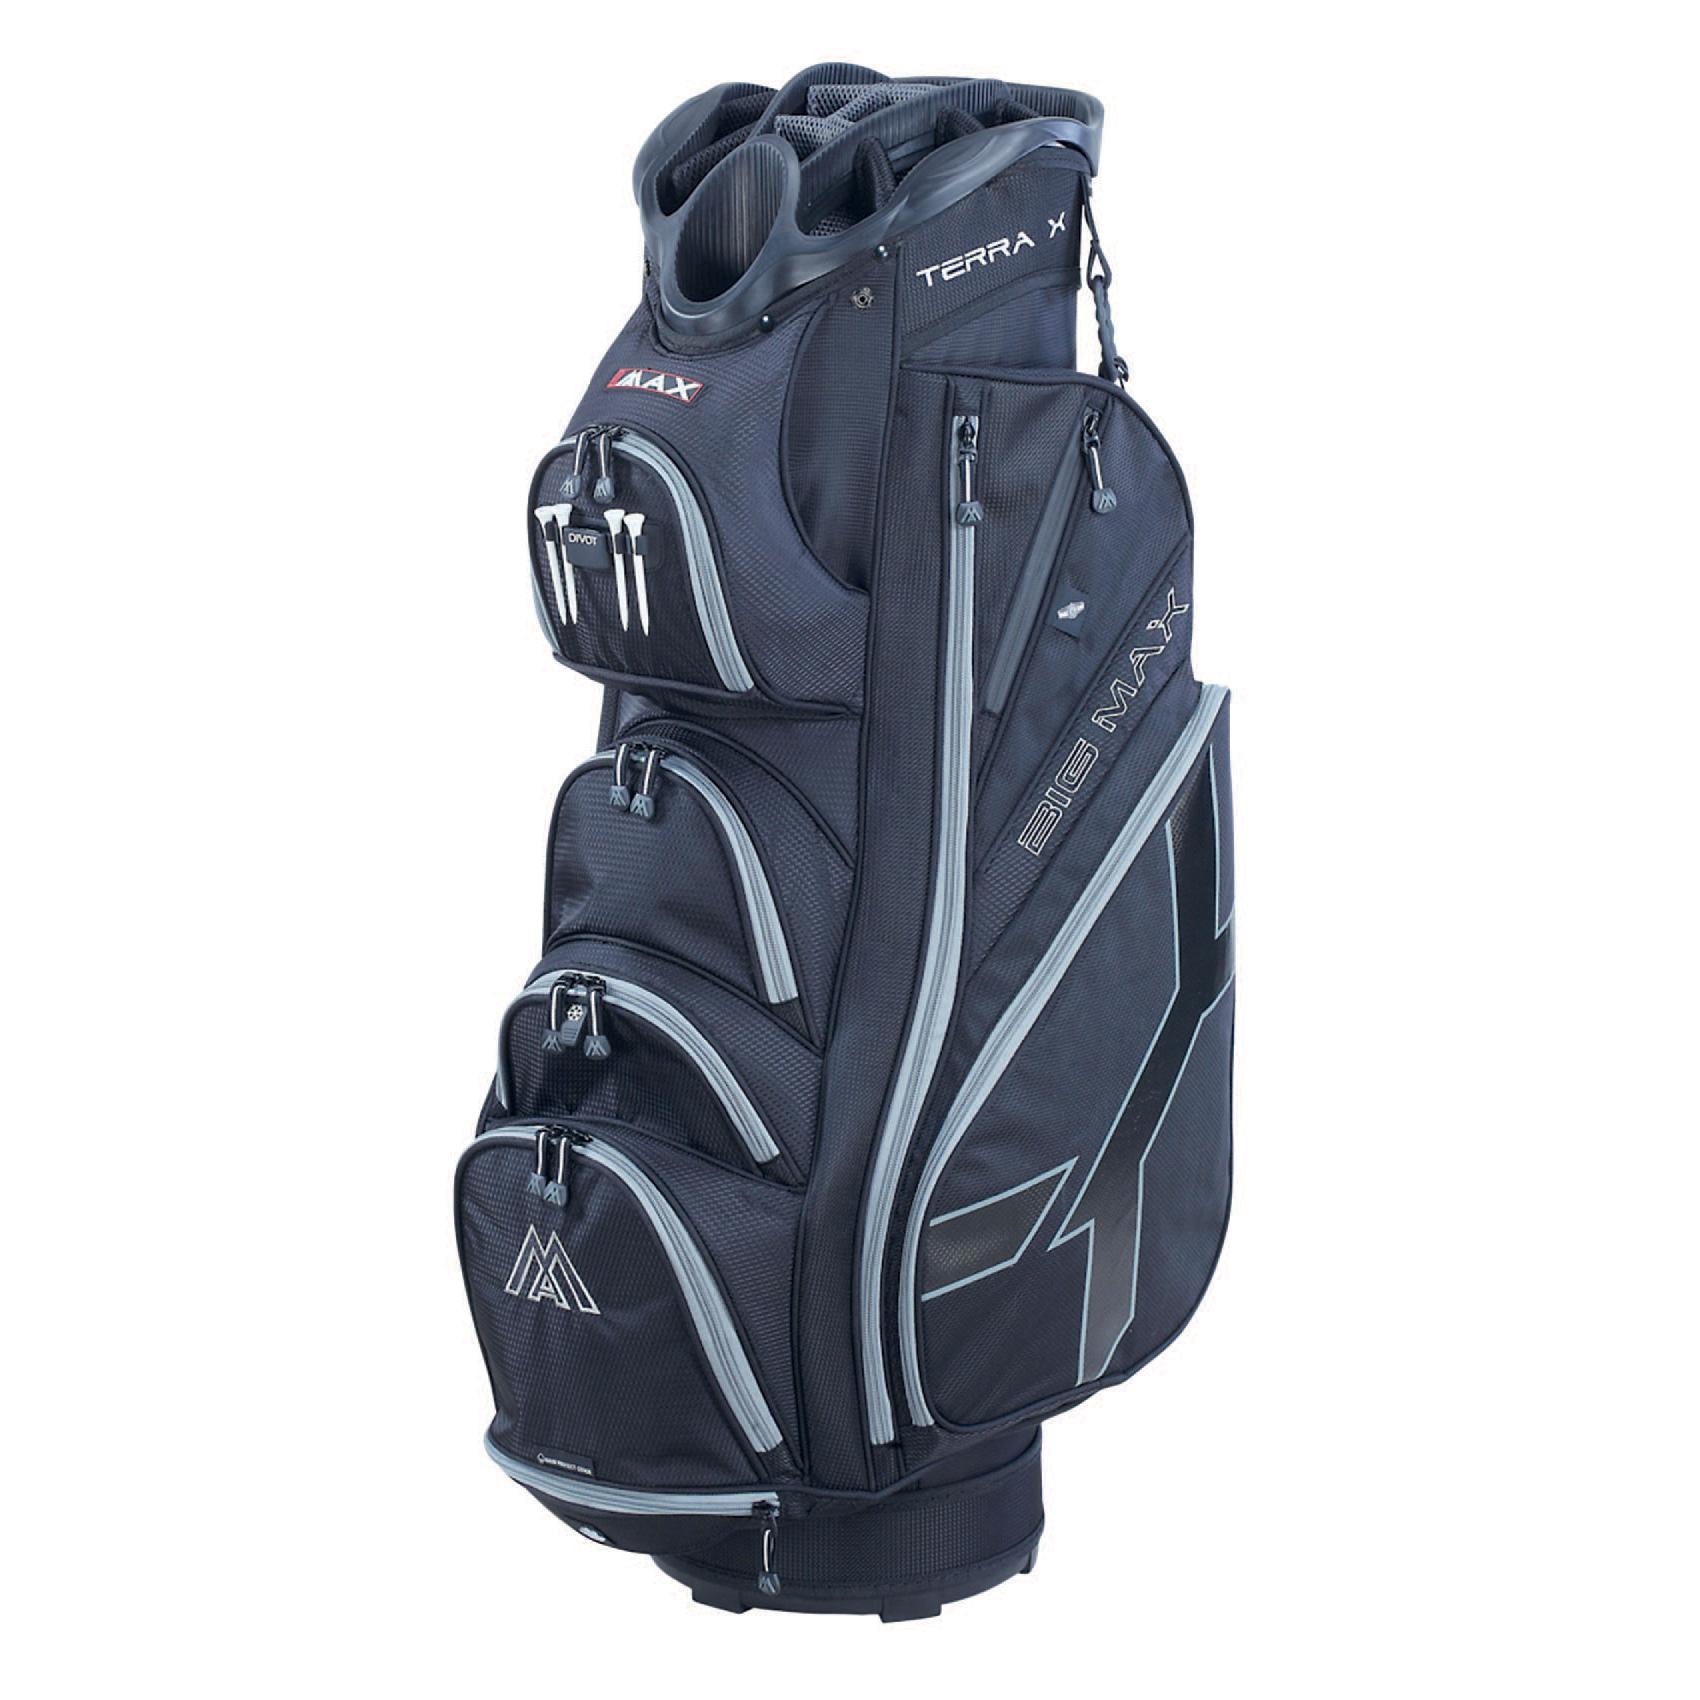 Big Max Terra X Cart Bag  Charcoal